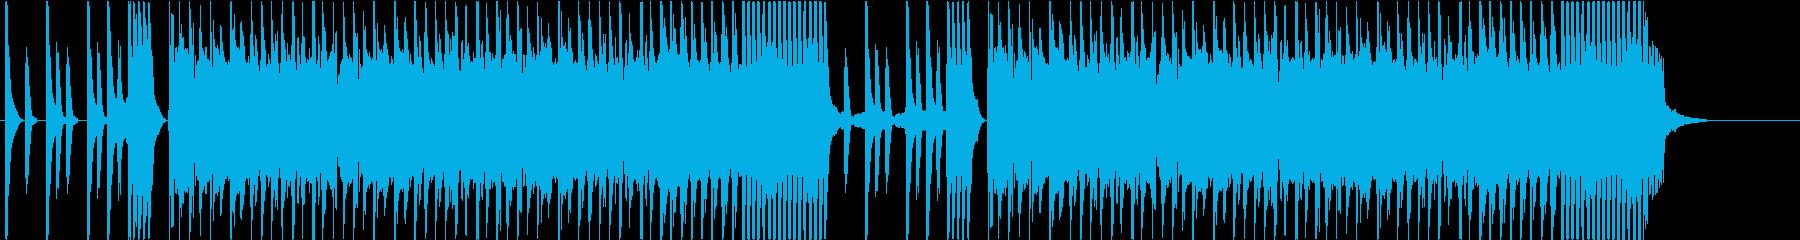 コミカルなゲームサウンドのBGMの再生済みの波形